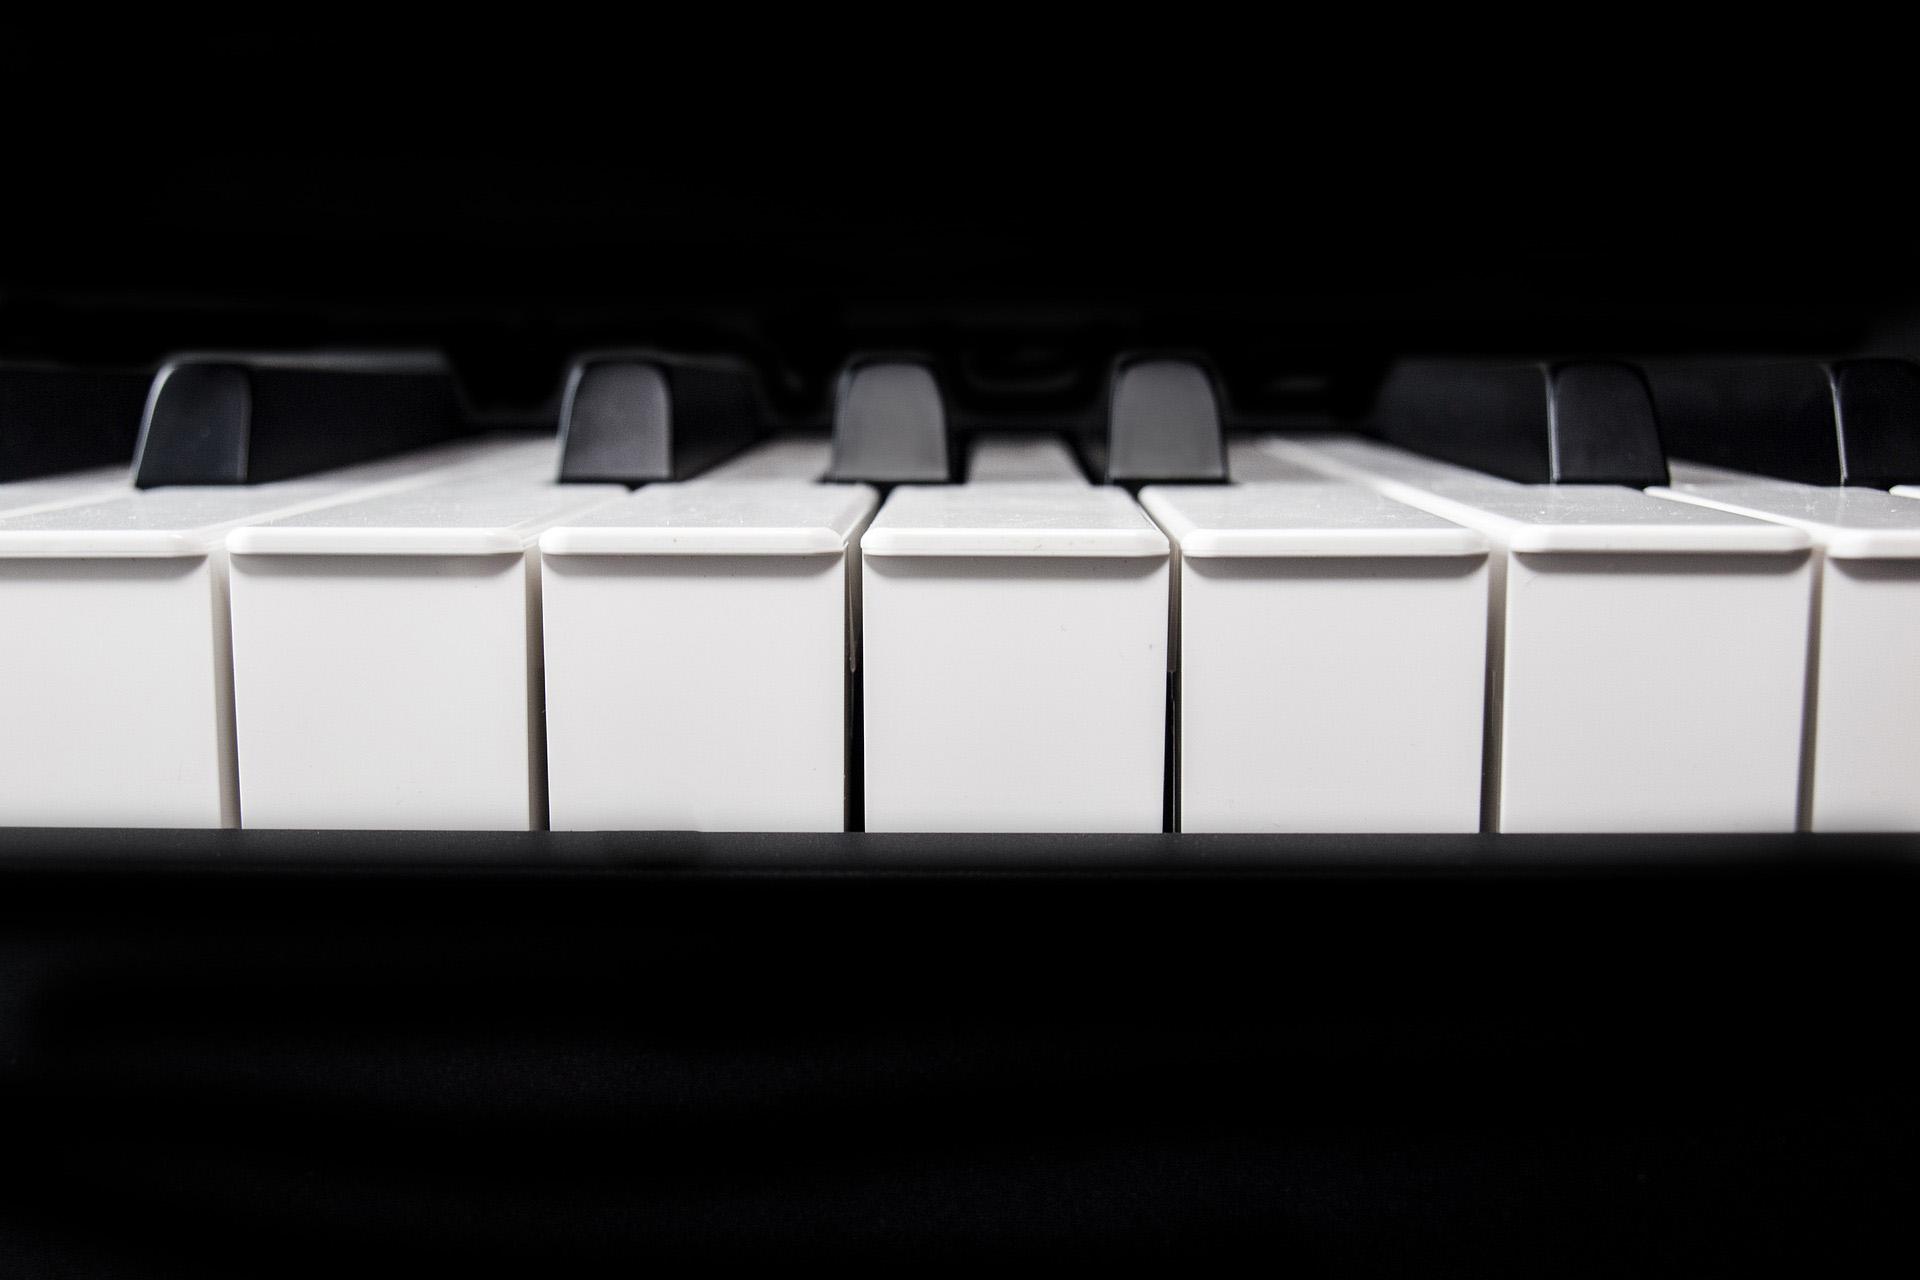 piano-2412400_1920